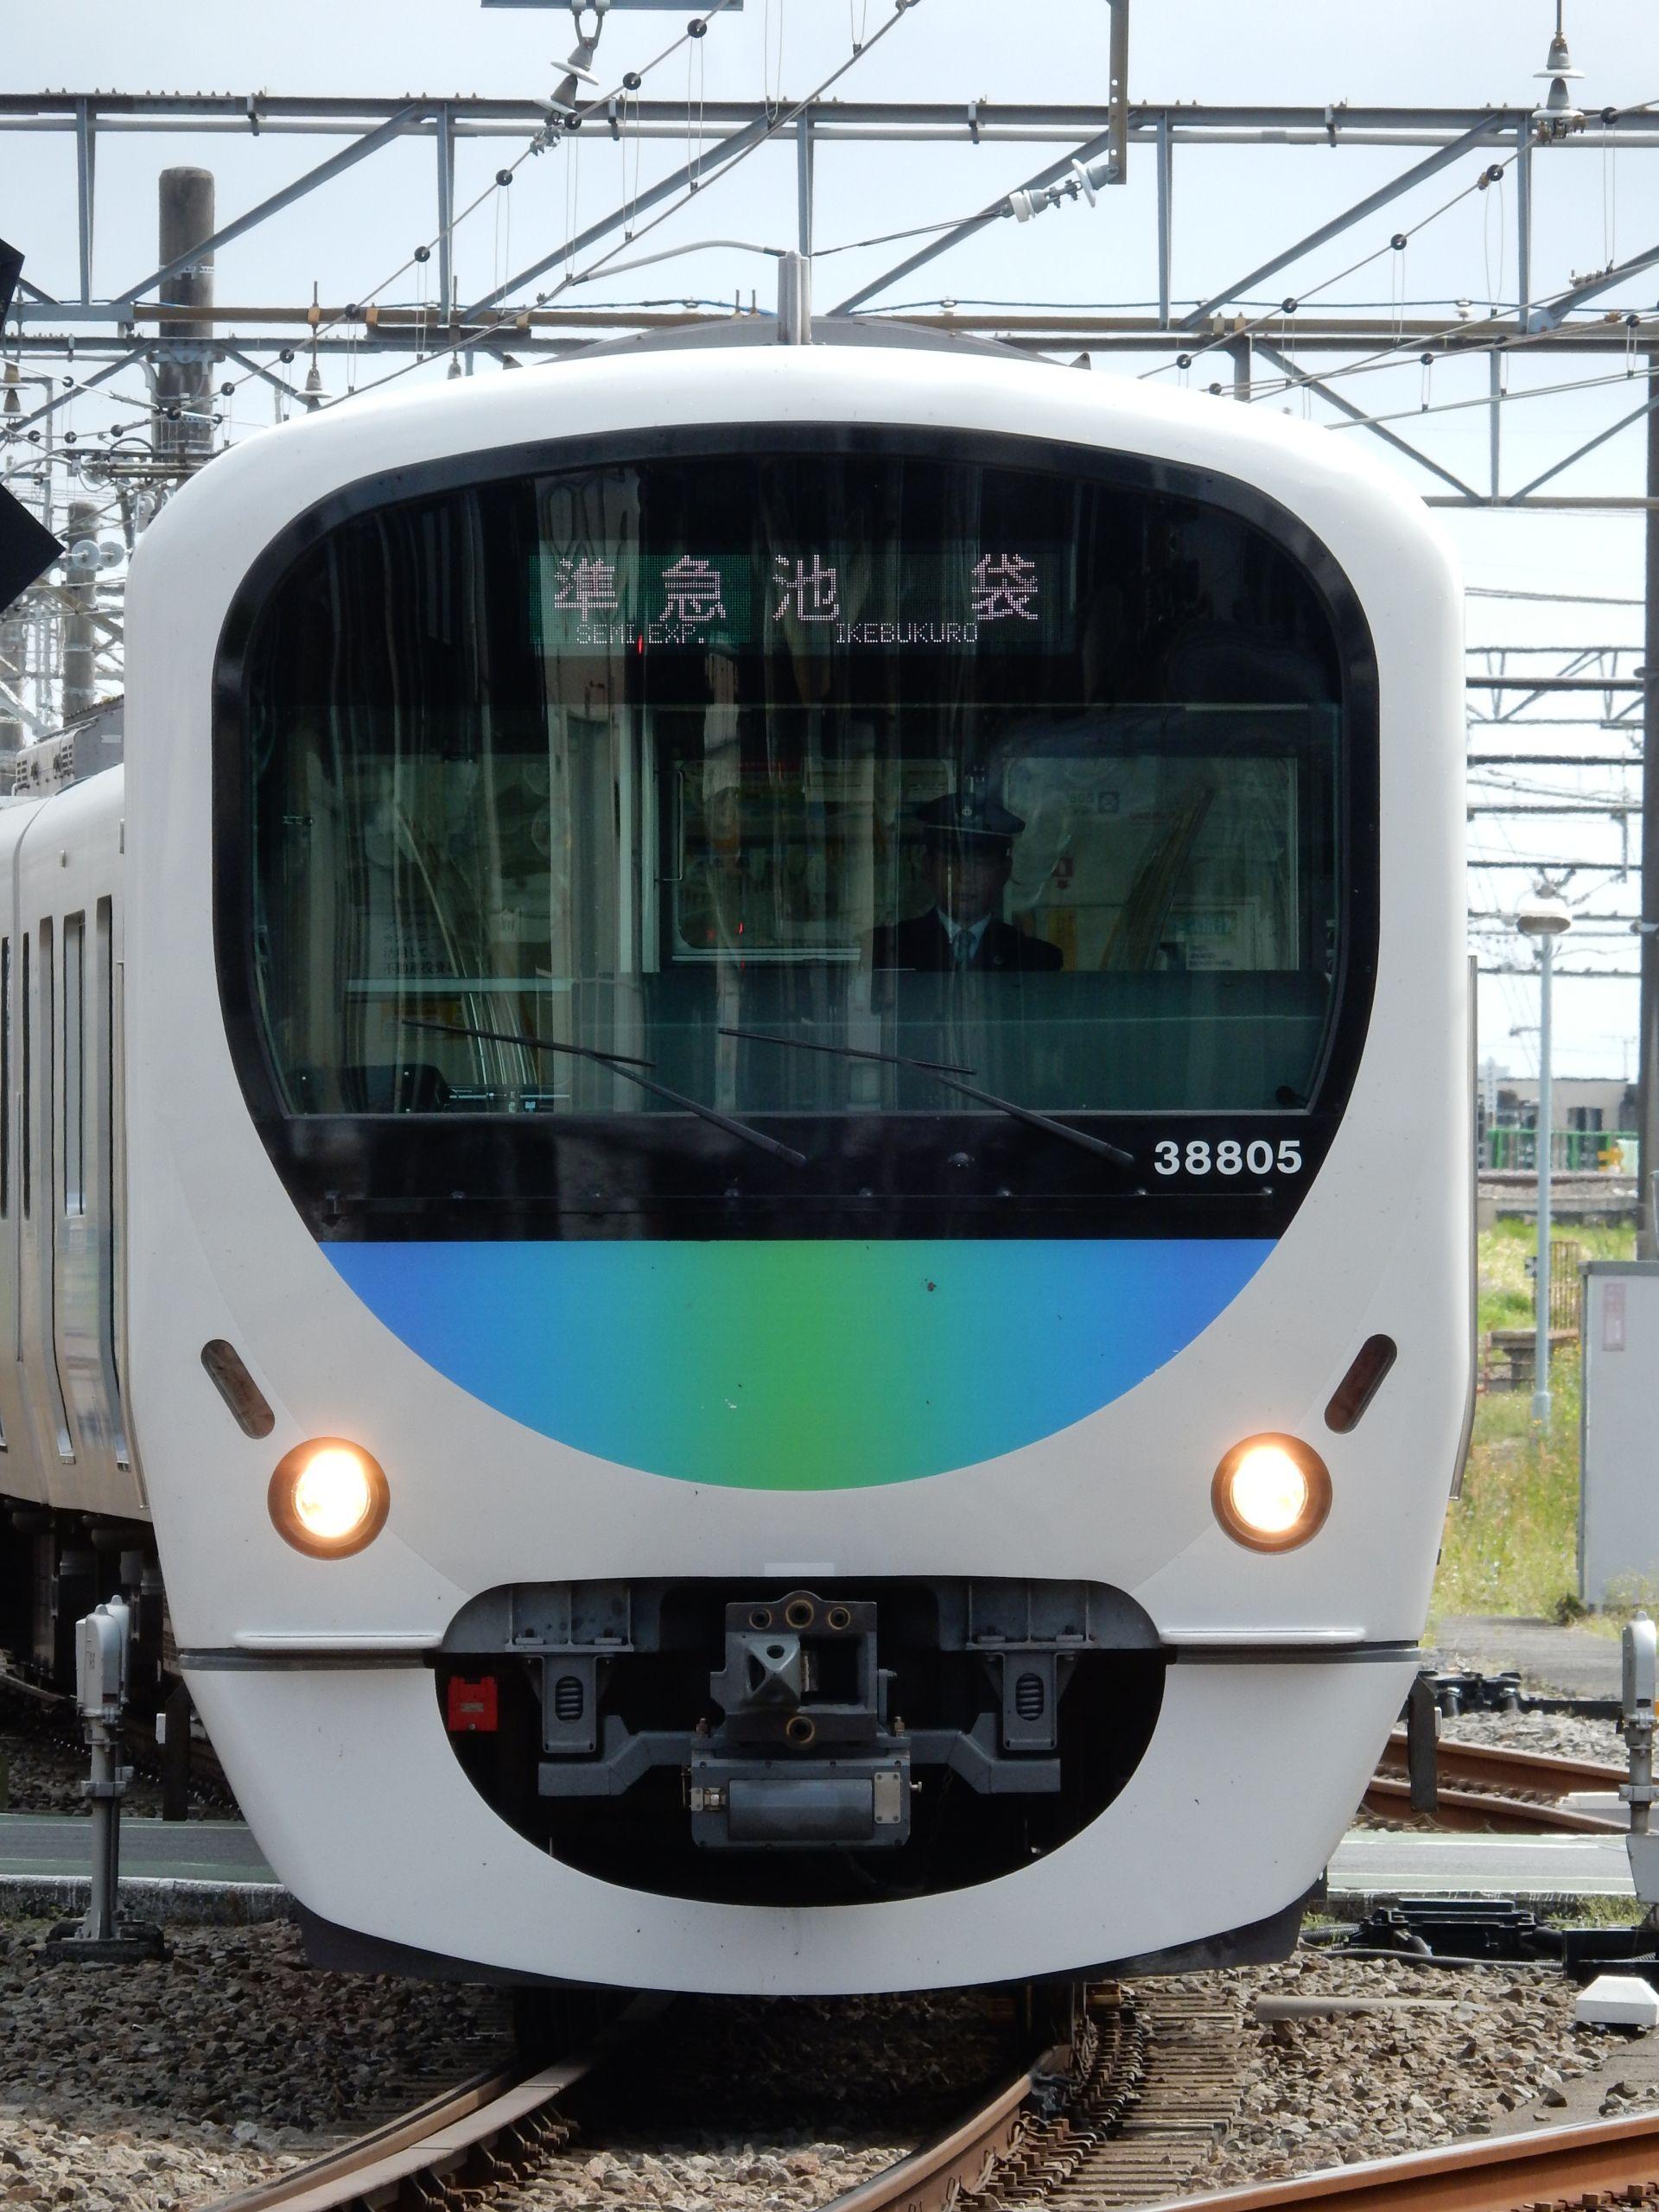 DSCN7721 - コピー